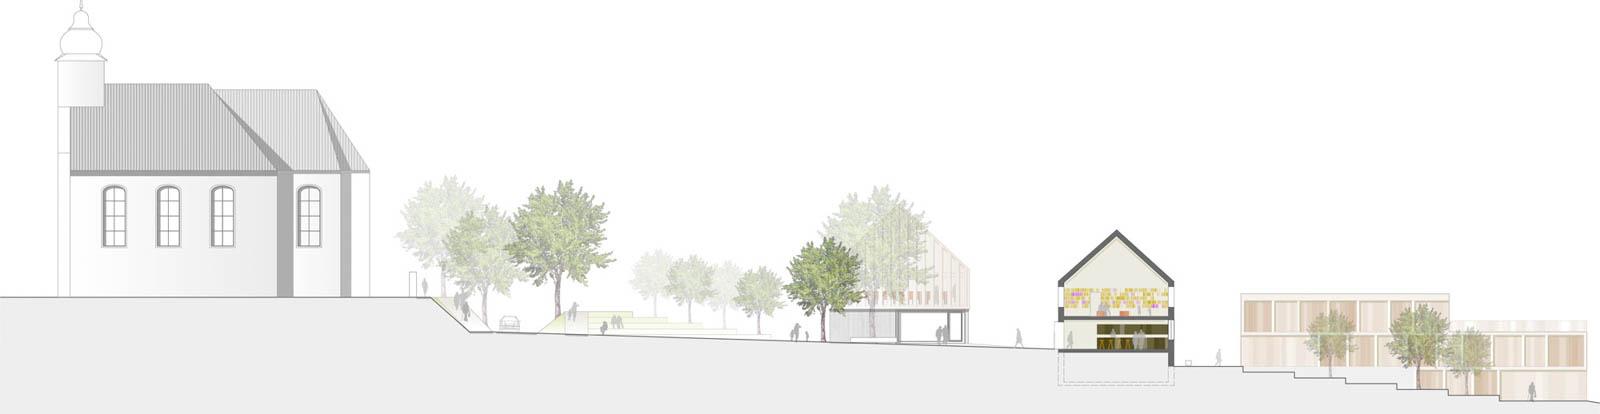 Nickel und Wachter Architekten - Klosterwiese Viereth Übersicht